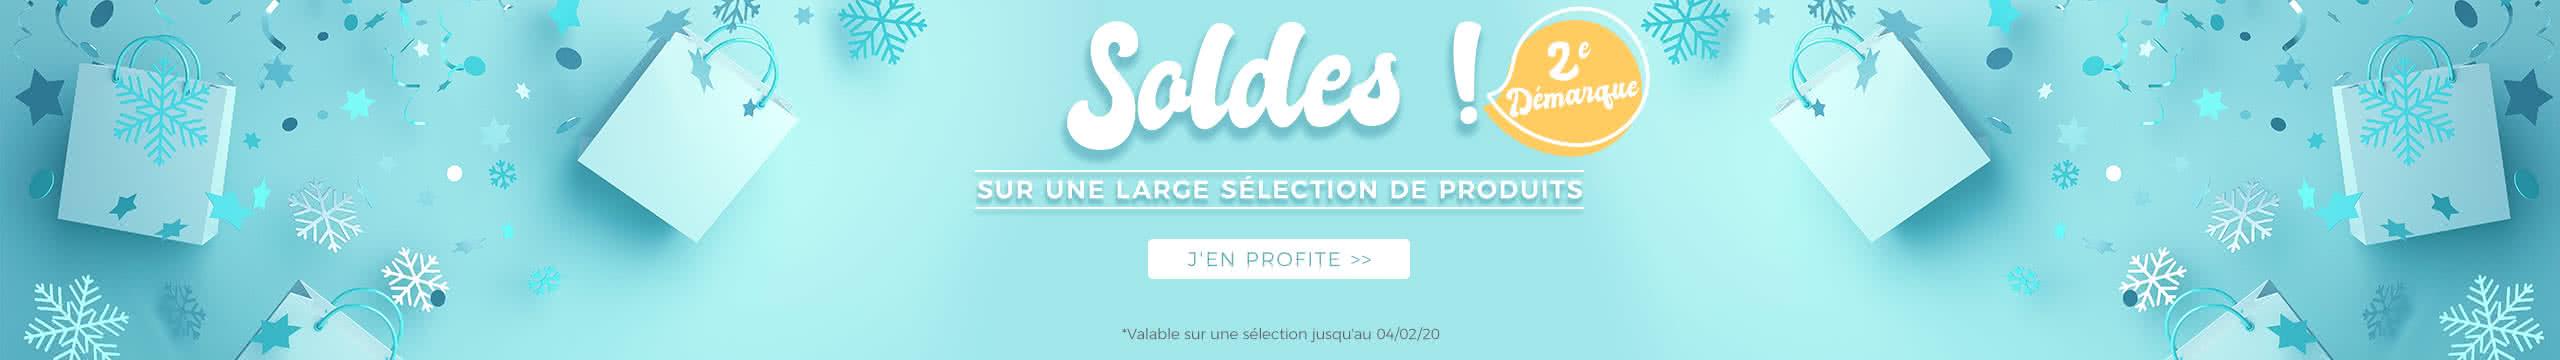 NL-Promo-Soldes-2